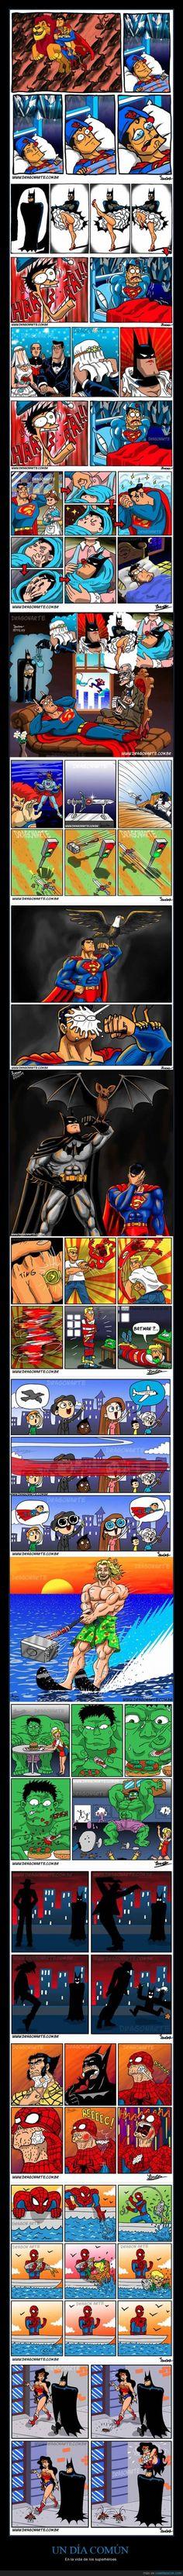 UN DÍA COMÚN - En la vida de los superhéroes